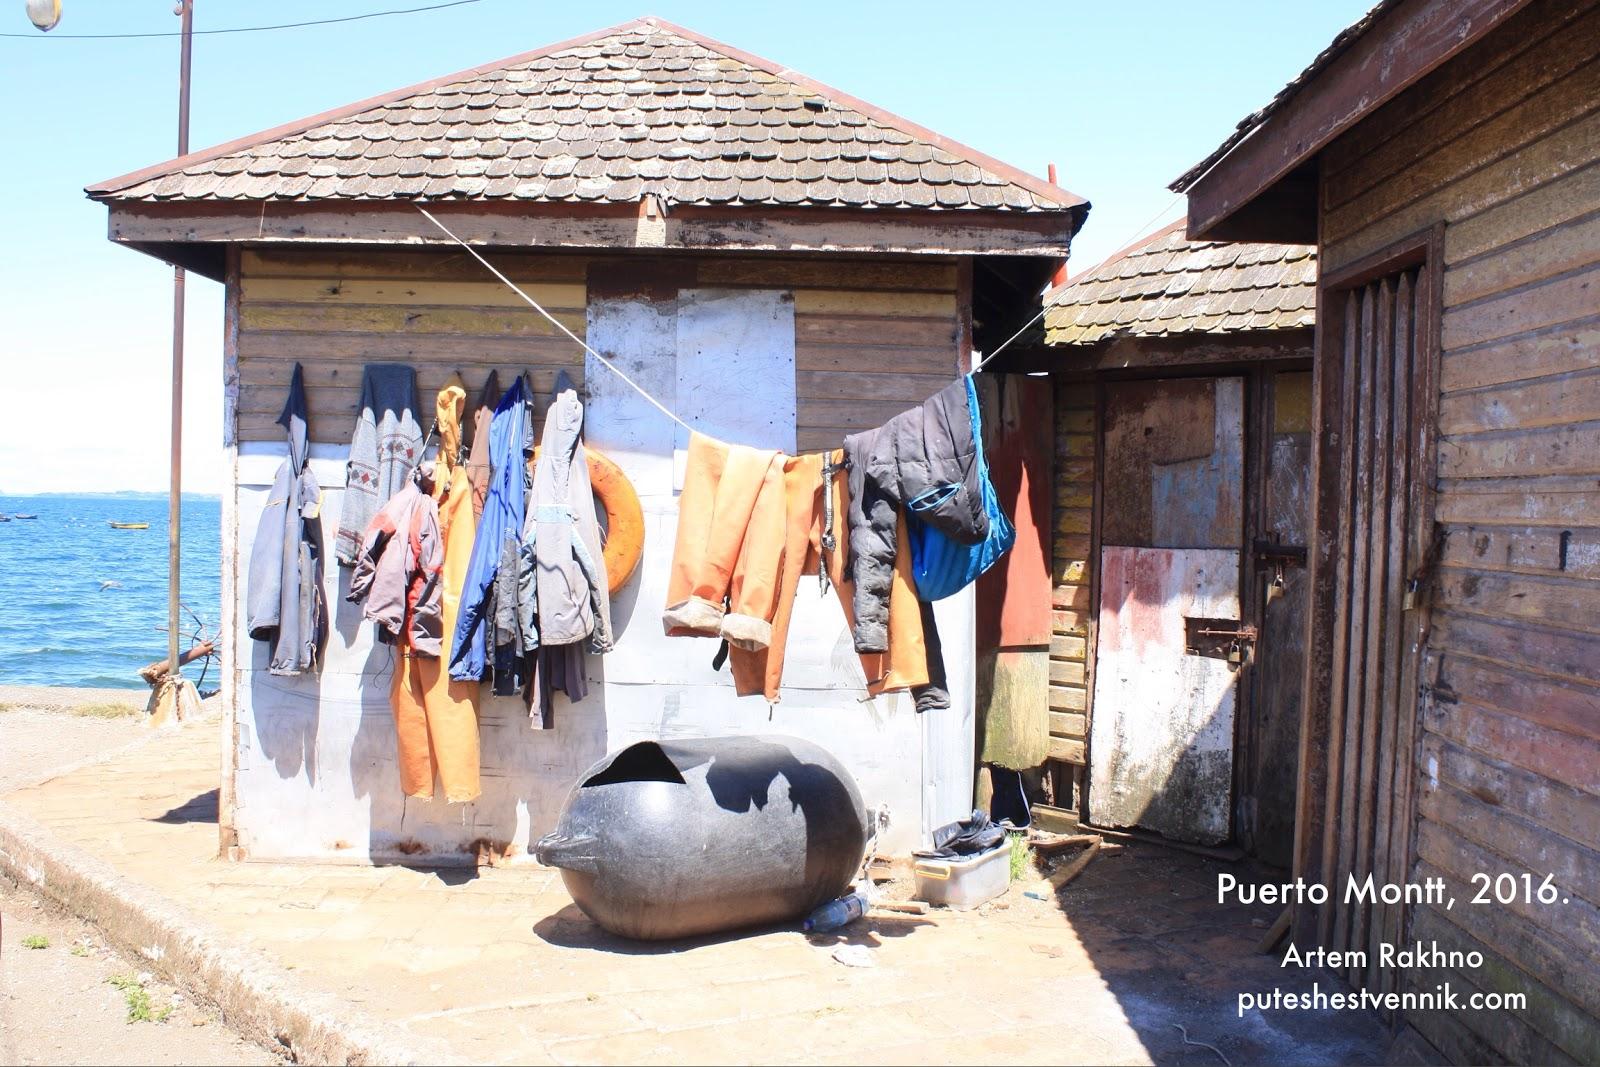 Одежда рыбаков возле дома в Пуэрто-Монт